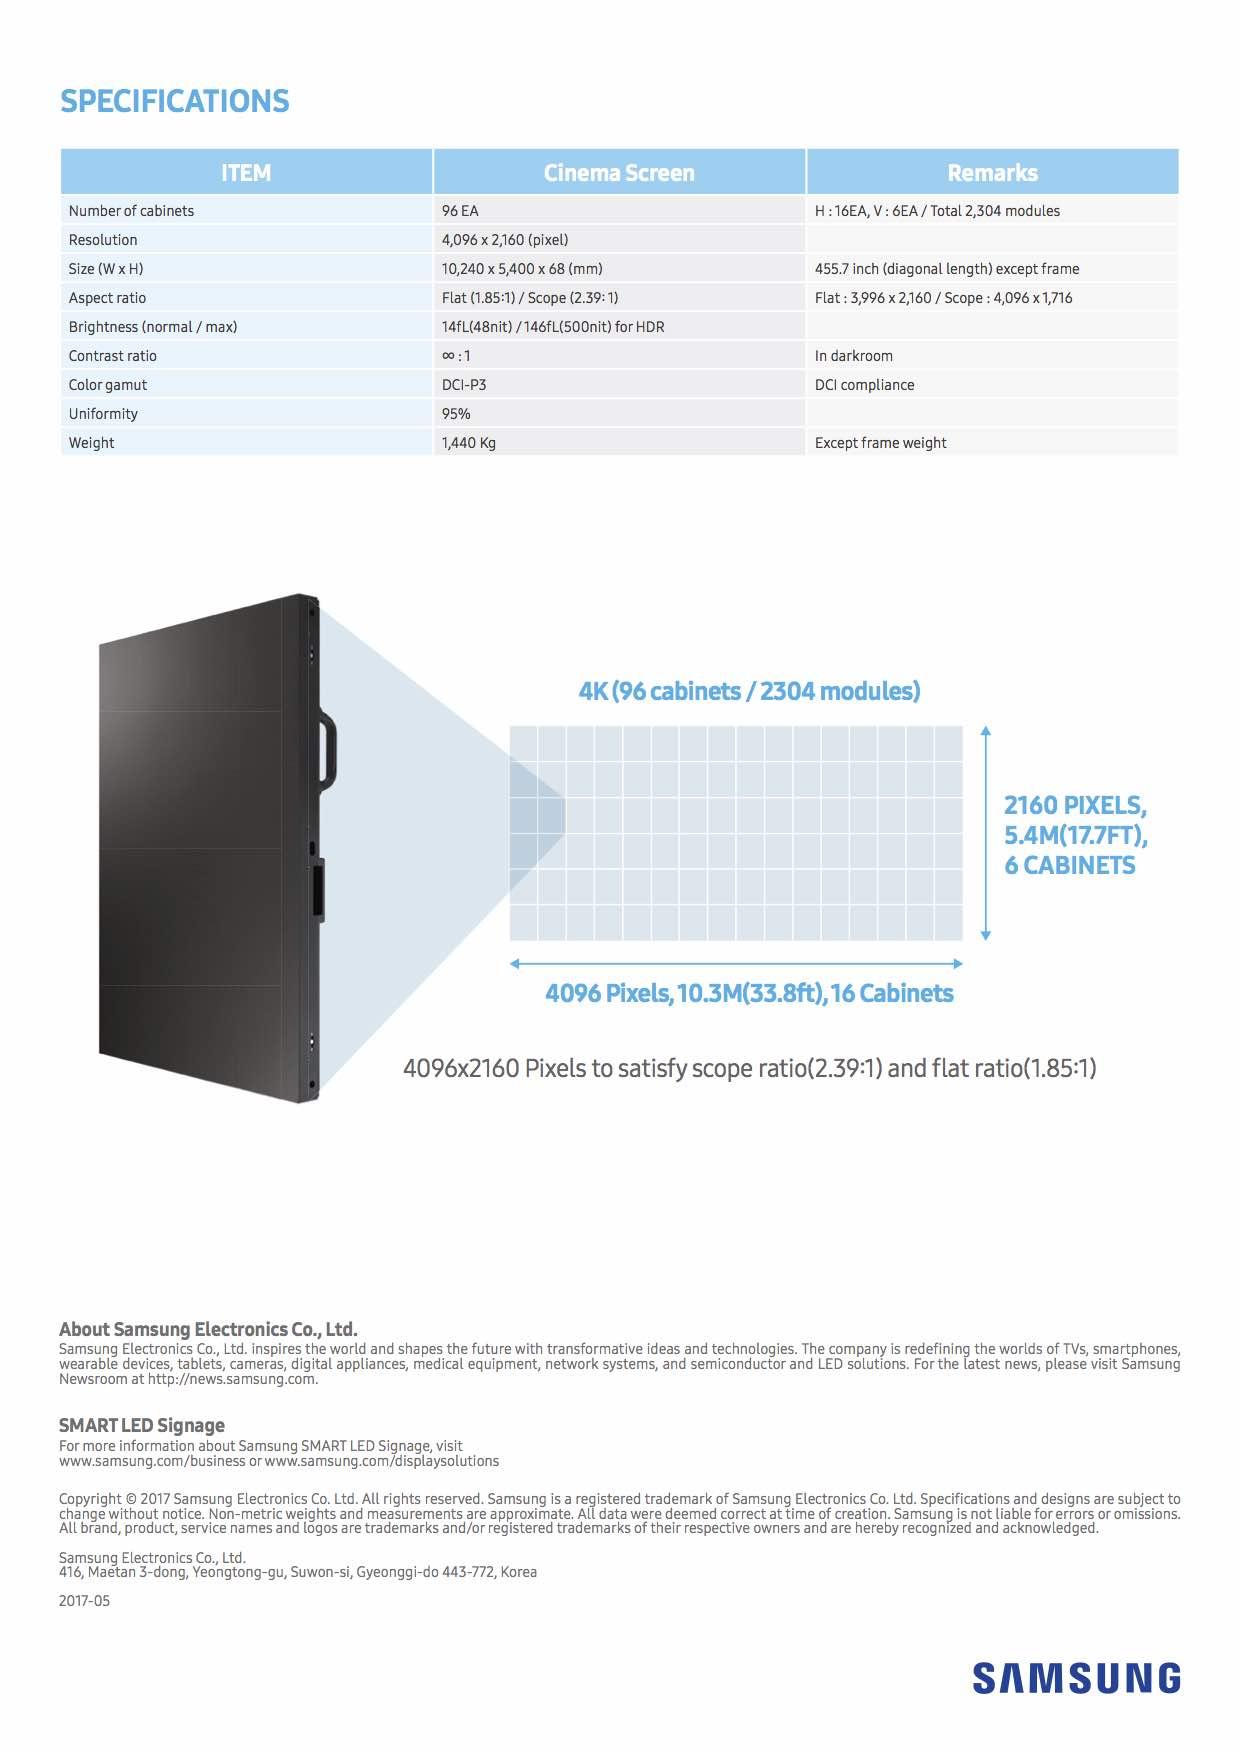 Samsung Cinema LED Datasheet_0519_web4.jpg